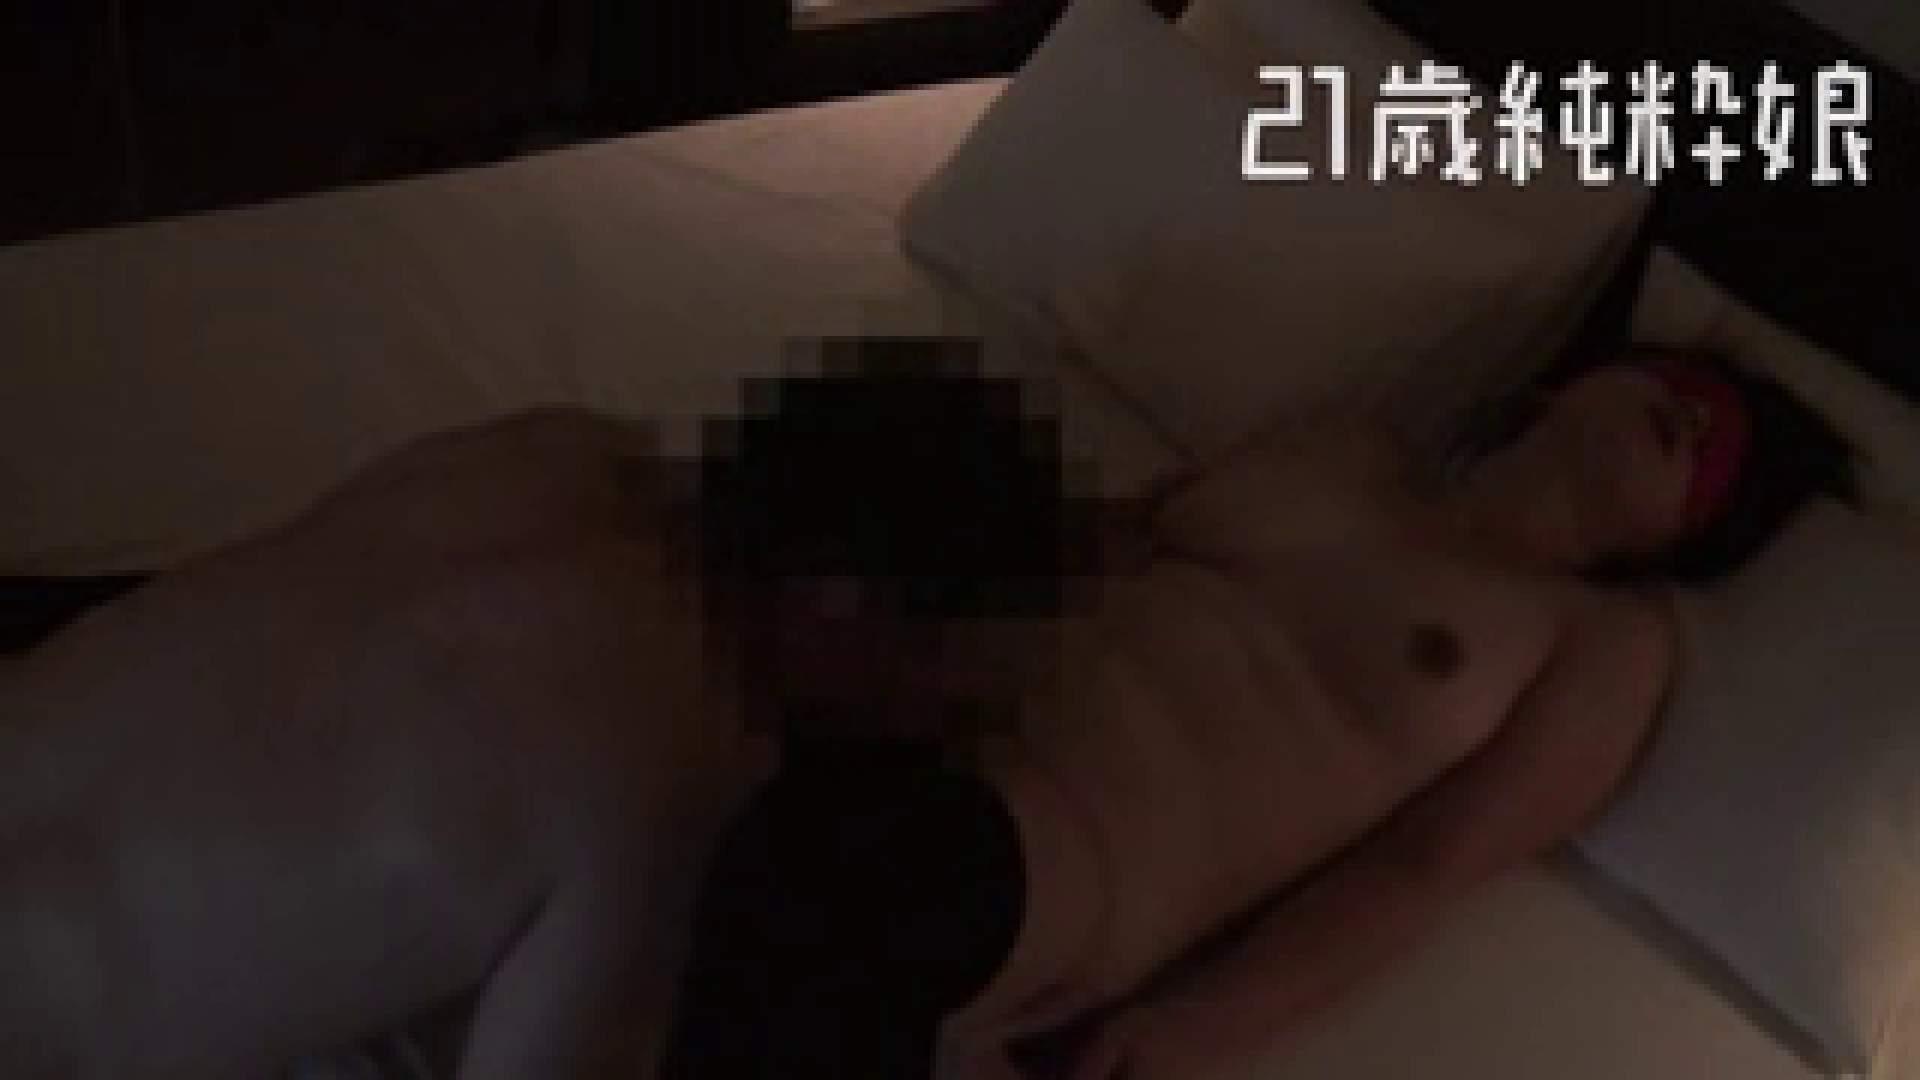 上京したばかりのGカップ21歳純粋嬢を都合の良い女にしてみた4 一般投稿 スケベ動画紹介 89枚 77